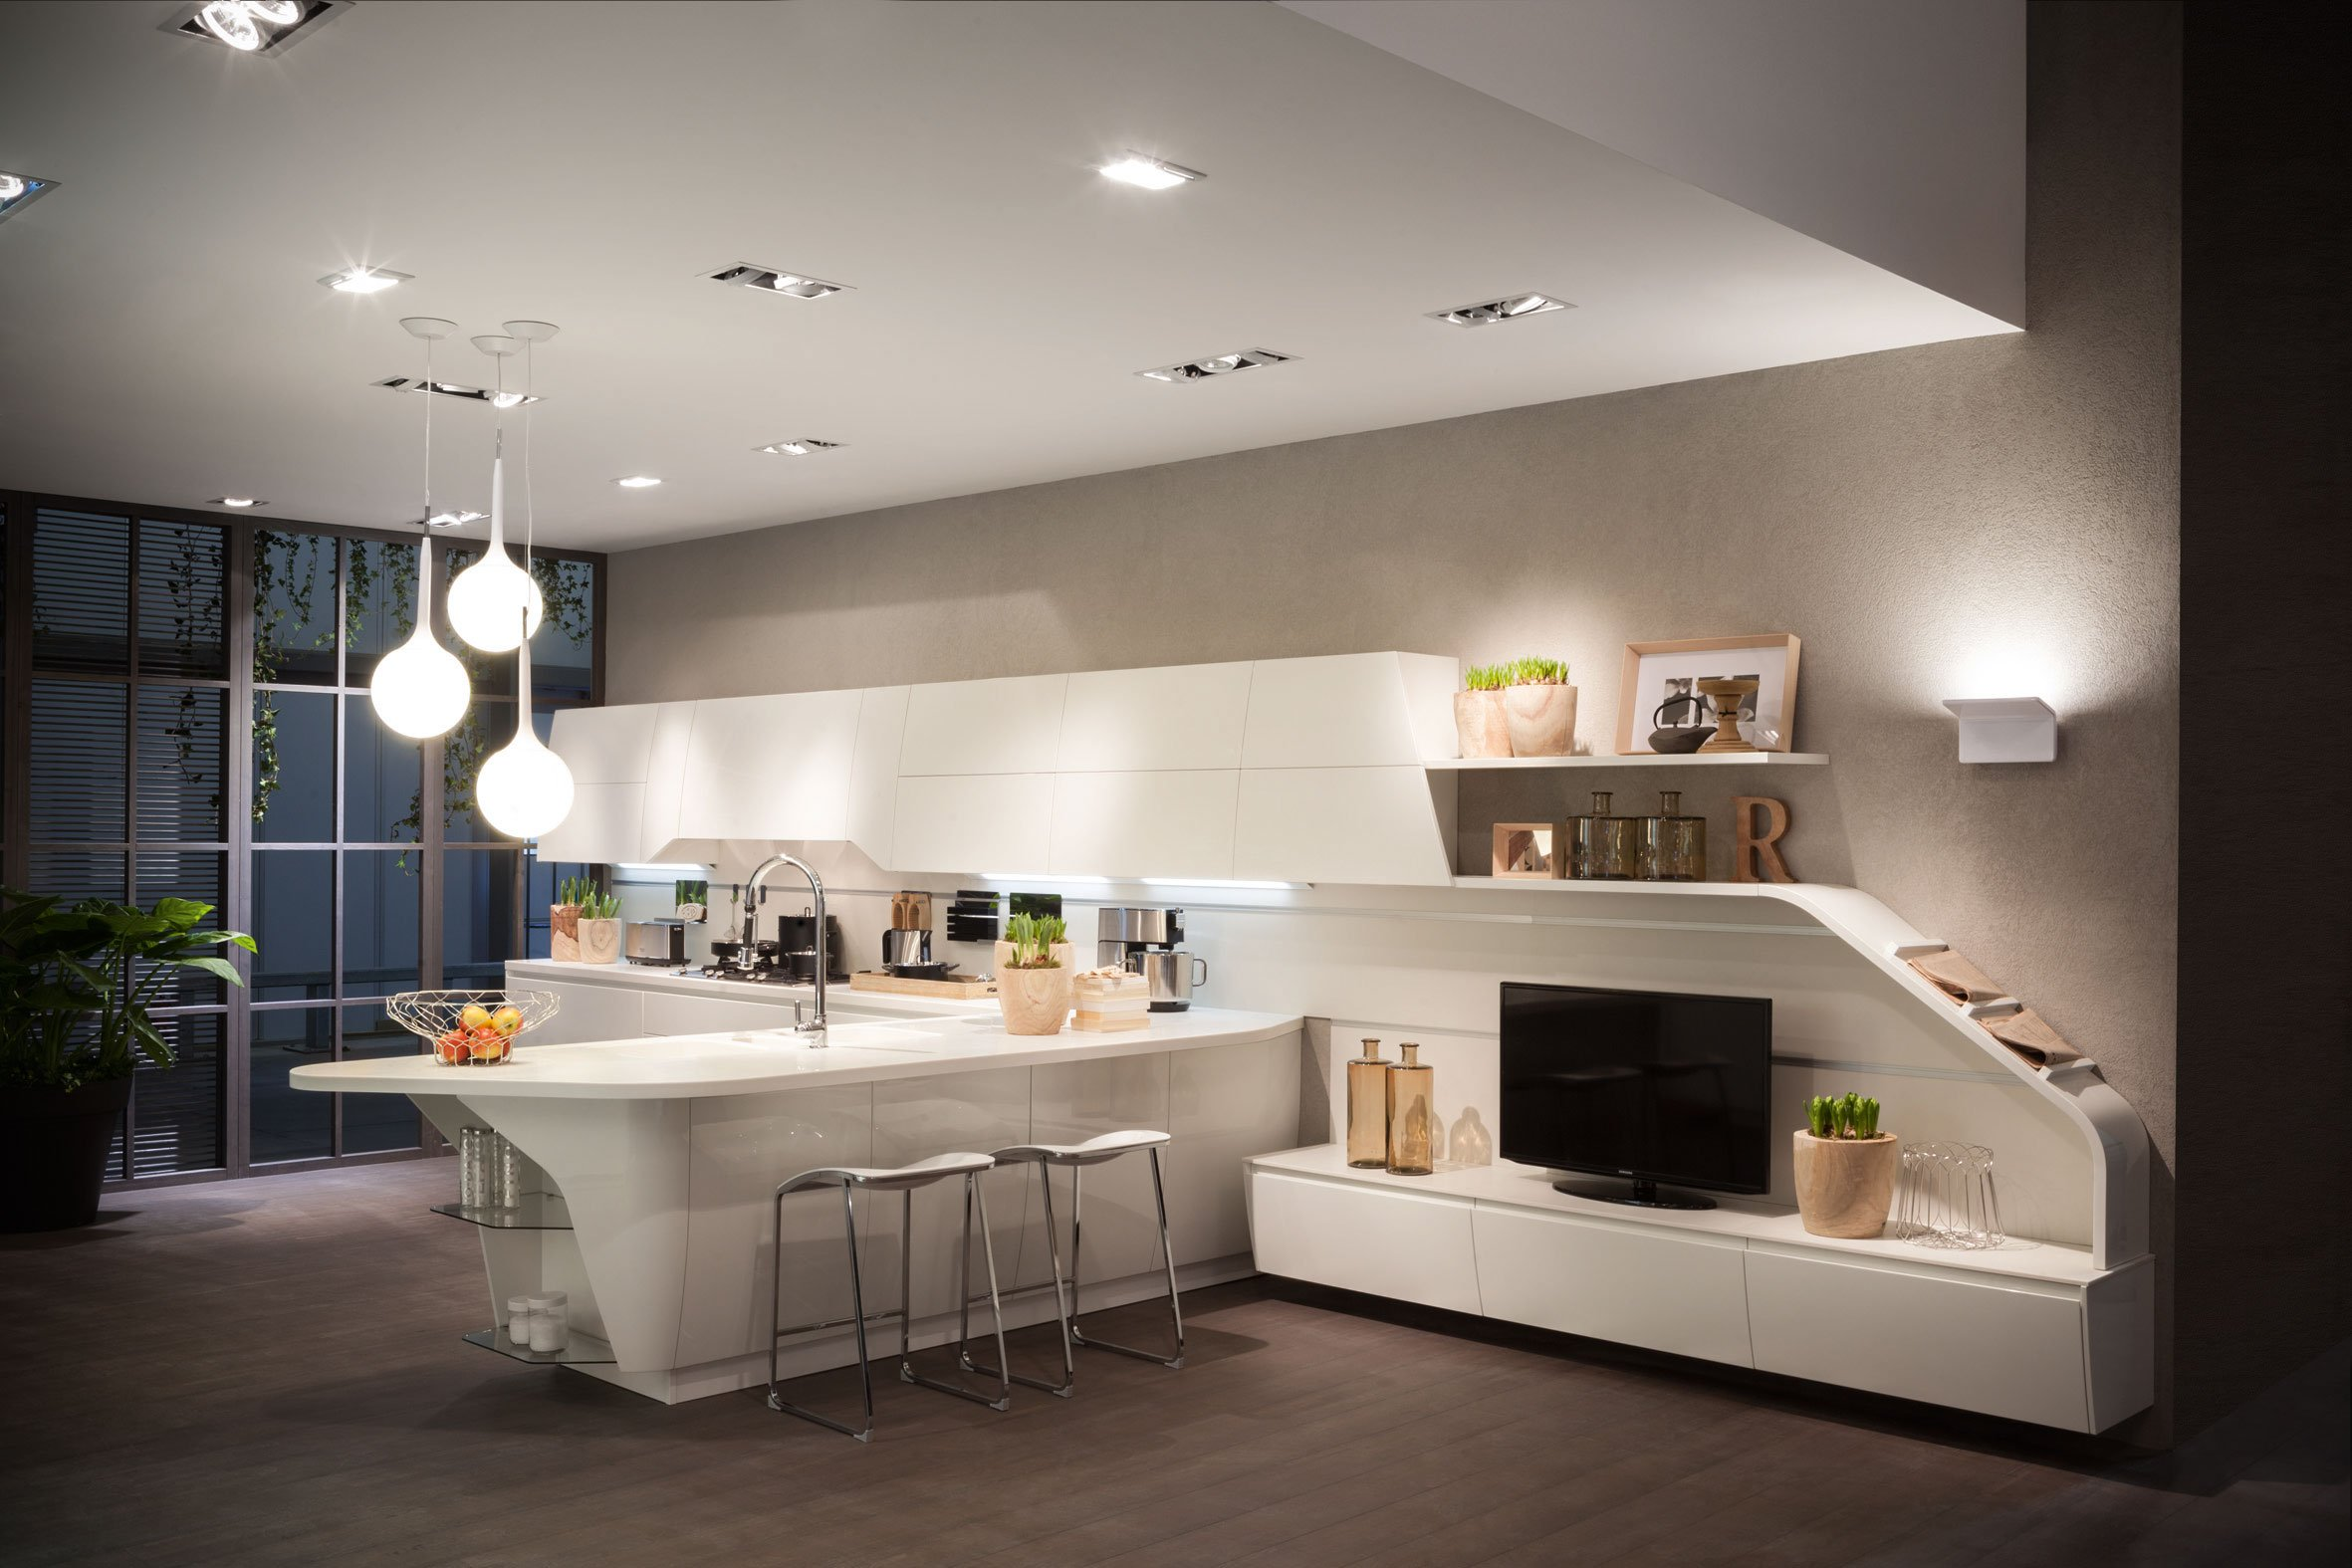 Cucina e soggiorno un unico ambiente cose di casa - Cucine e salotti insieme ...